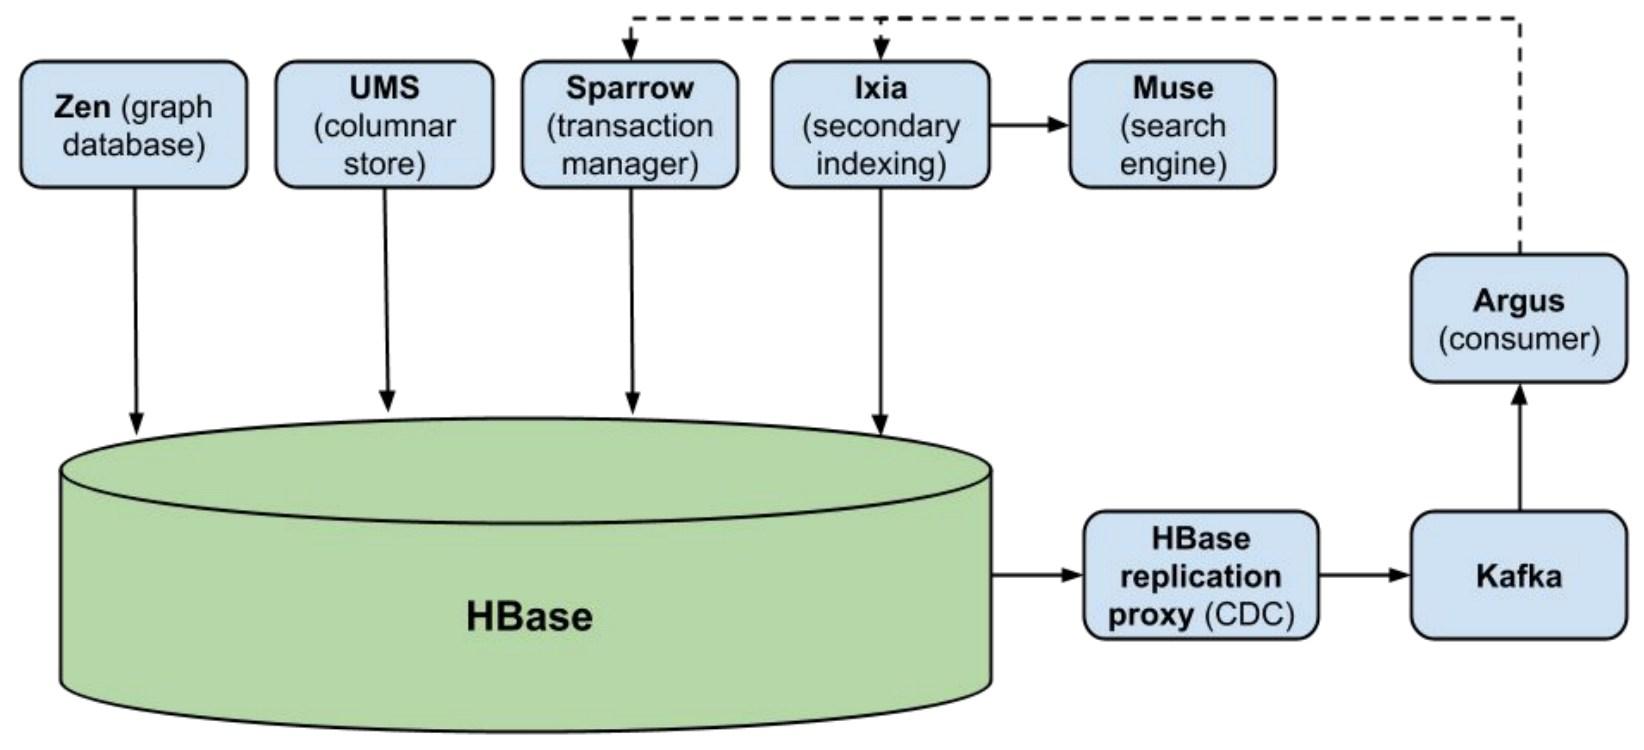 HBase ecosystem at Pinterest